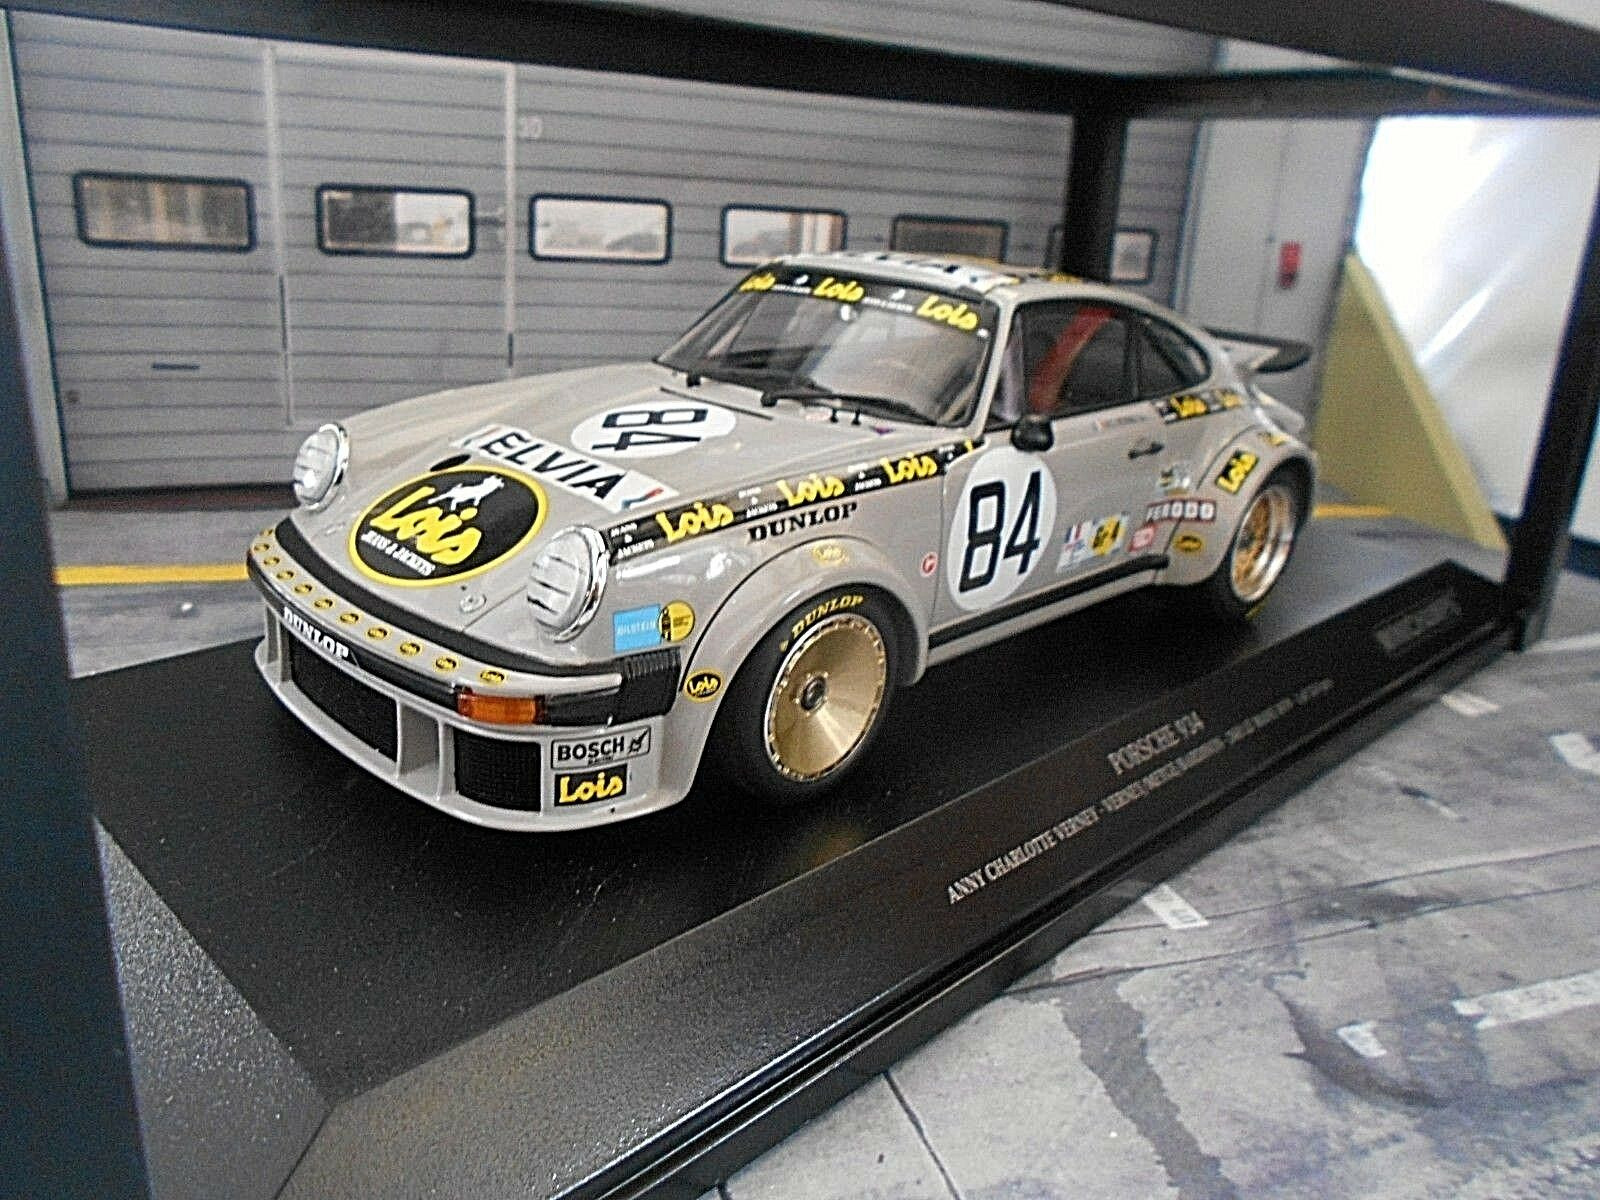 Porsche 911 934 turbo le mans  84 Lois Charlotte Verney Metge 79 Minichamps 1 18